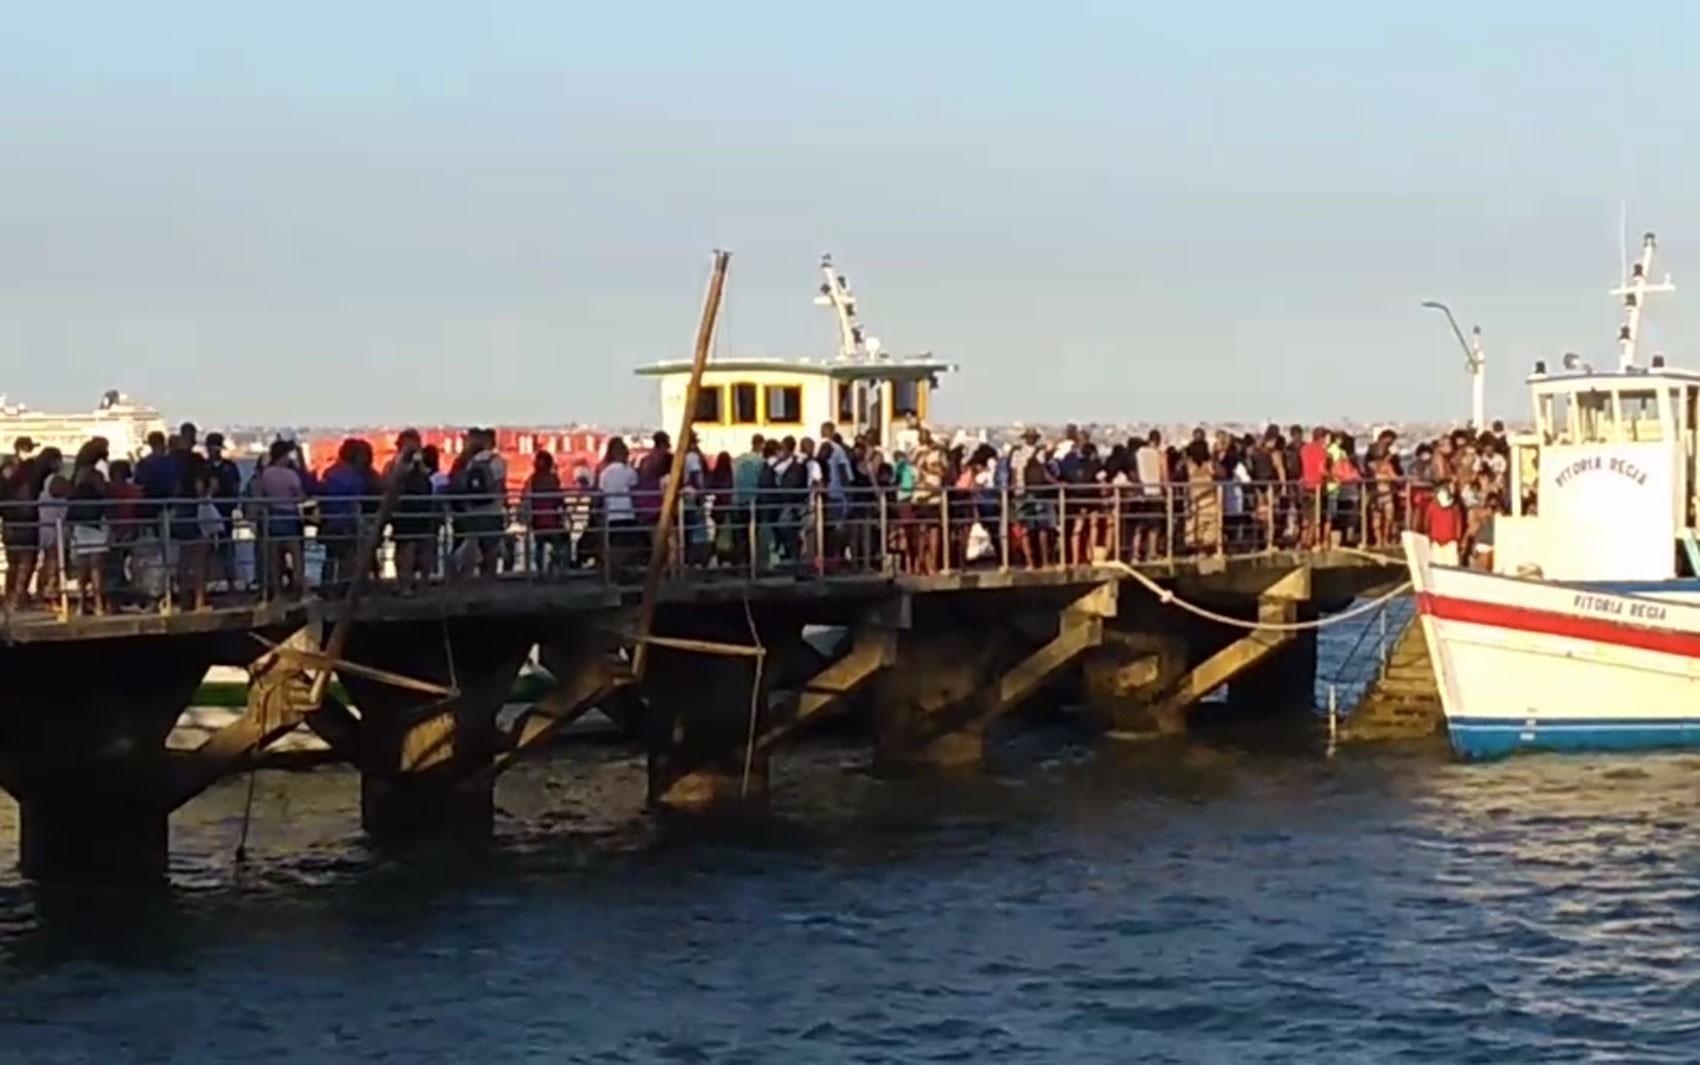 Com maioria sem máscara, passageiros se aglomeram em fila da travessia Salvador - Mar Grande